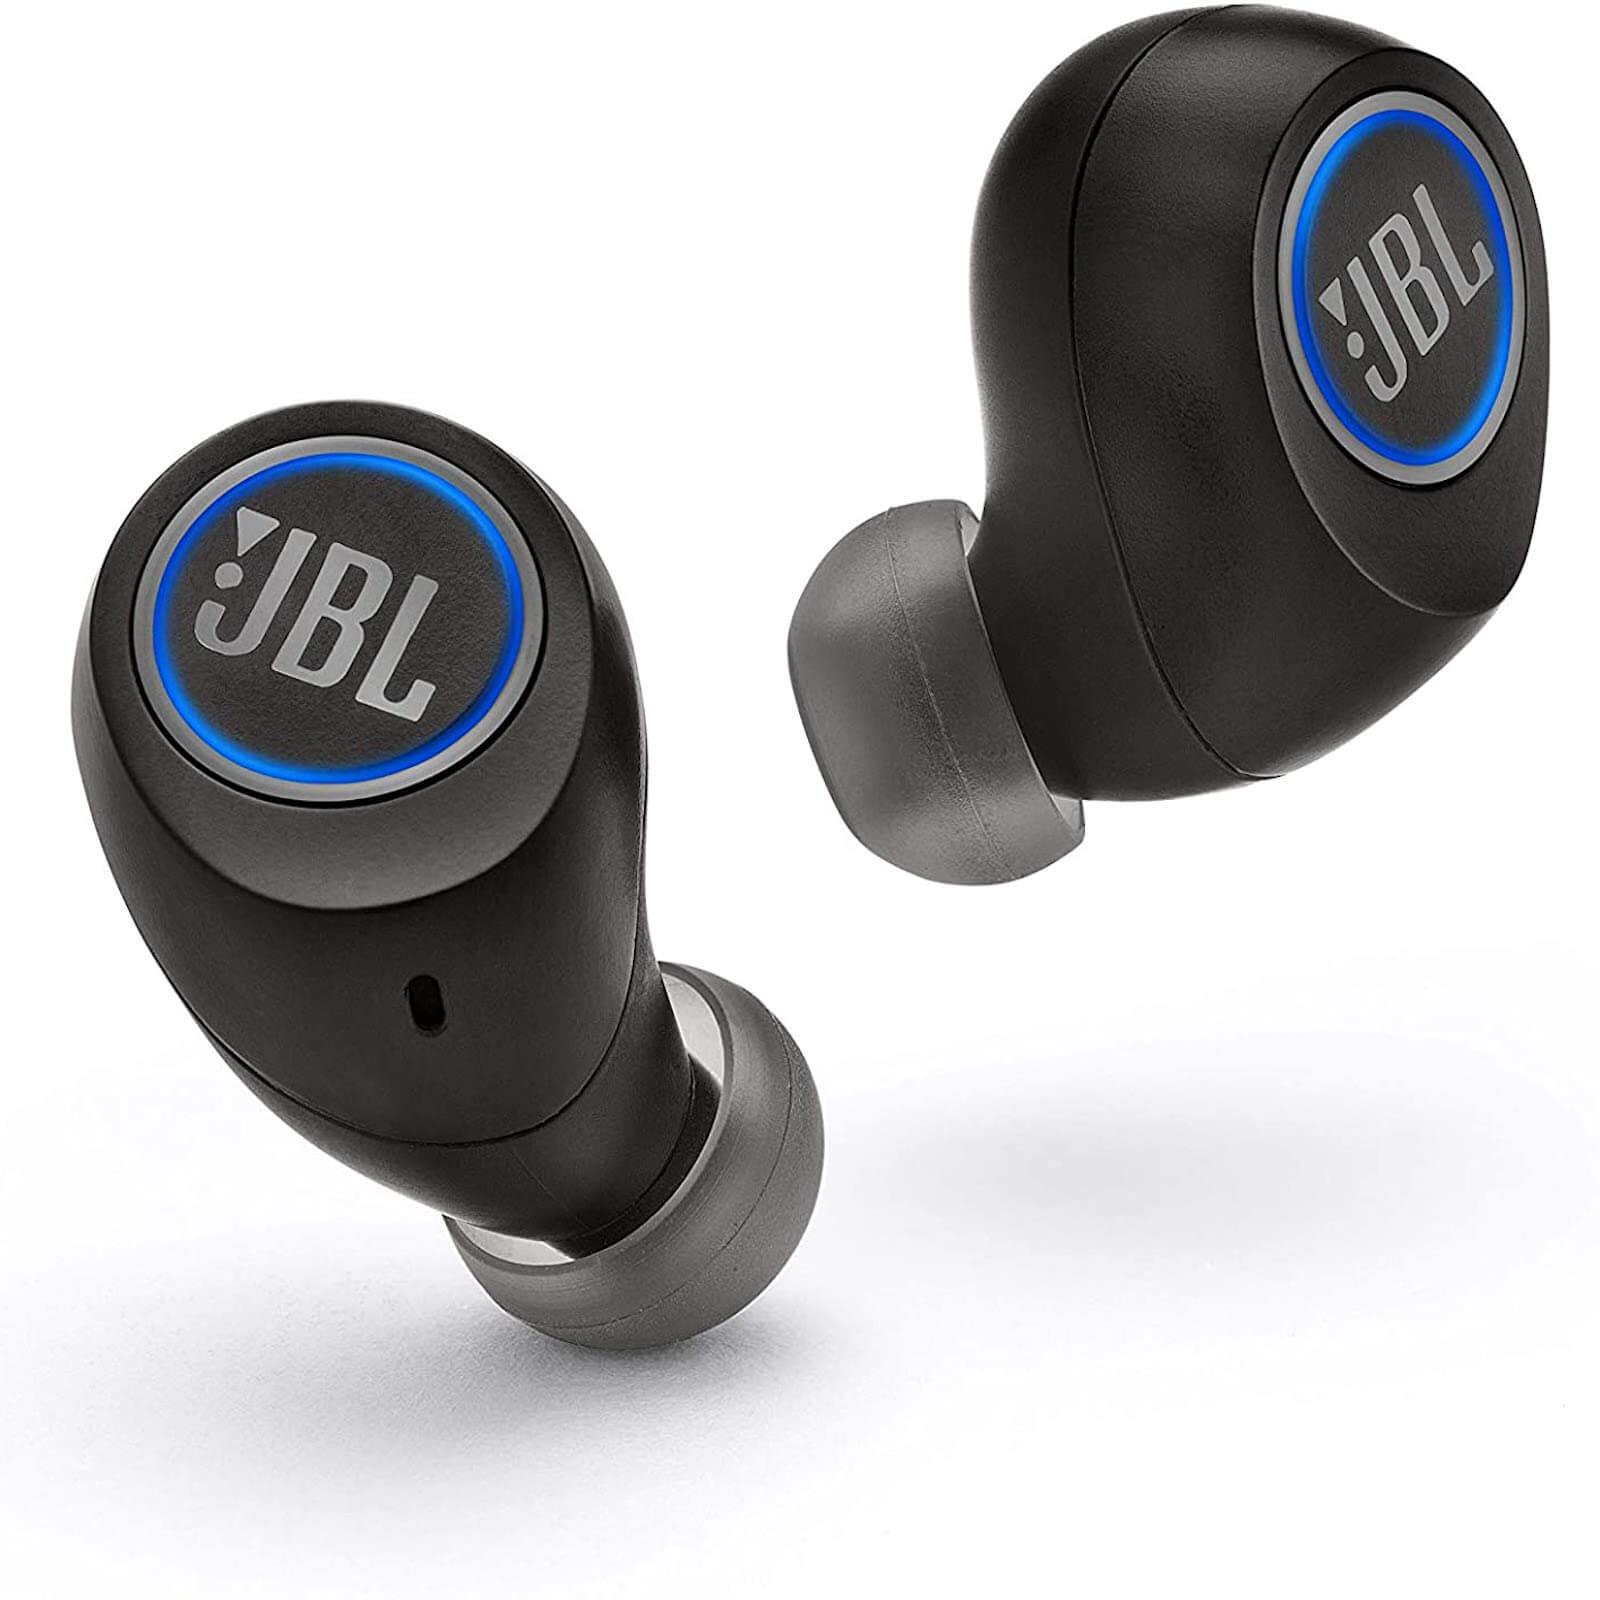 Jbl Headphones Deals Cheap Price Best Sales In Uk Hotukdeals